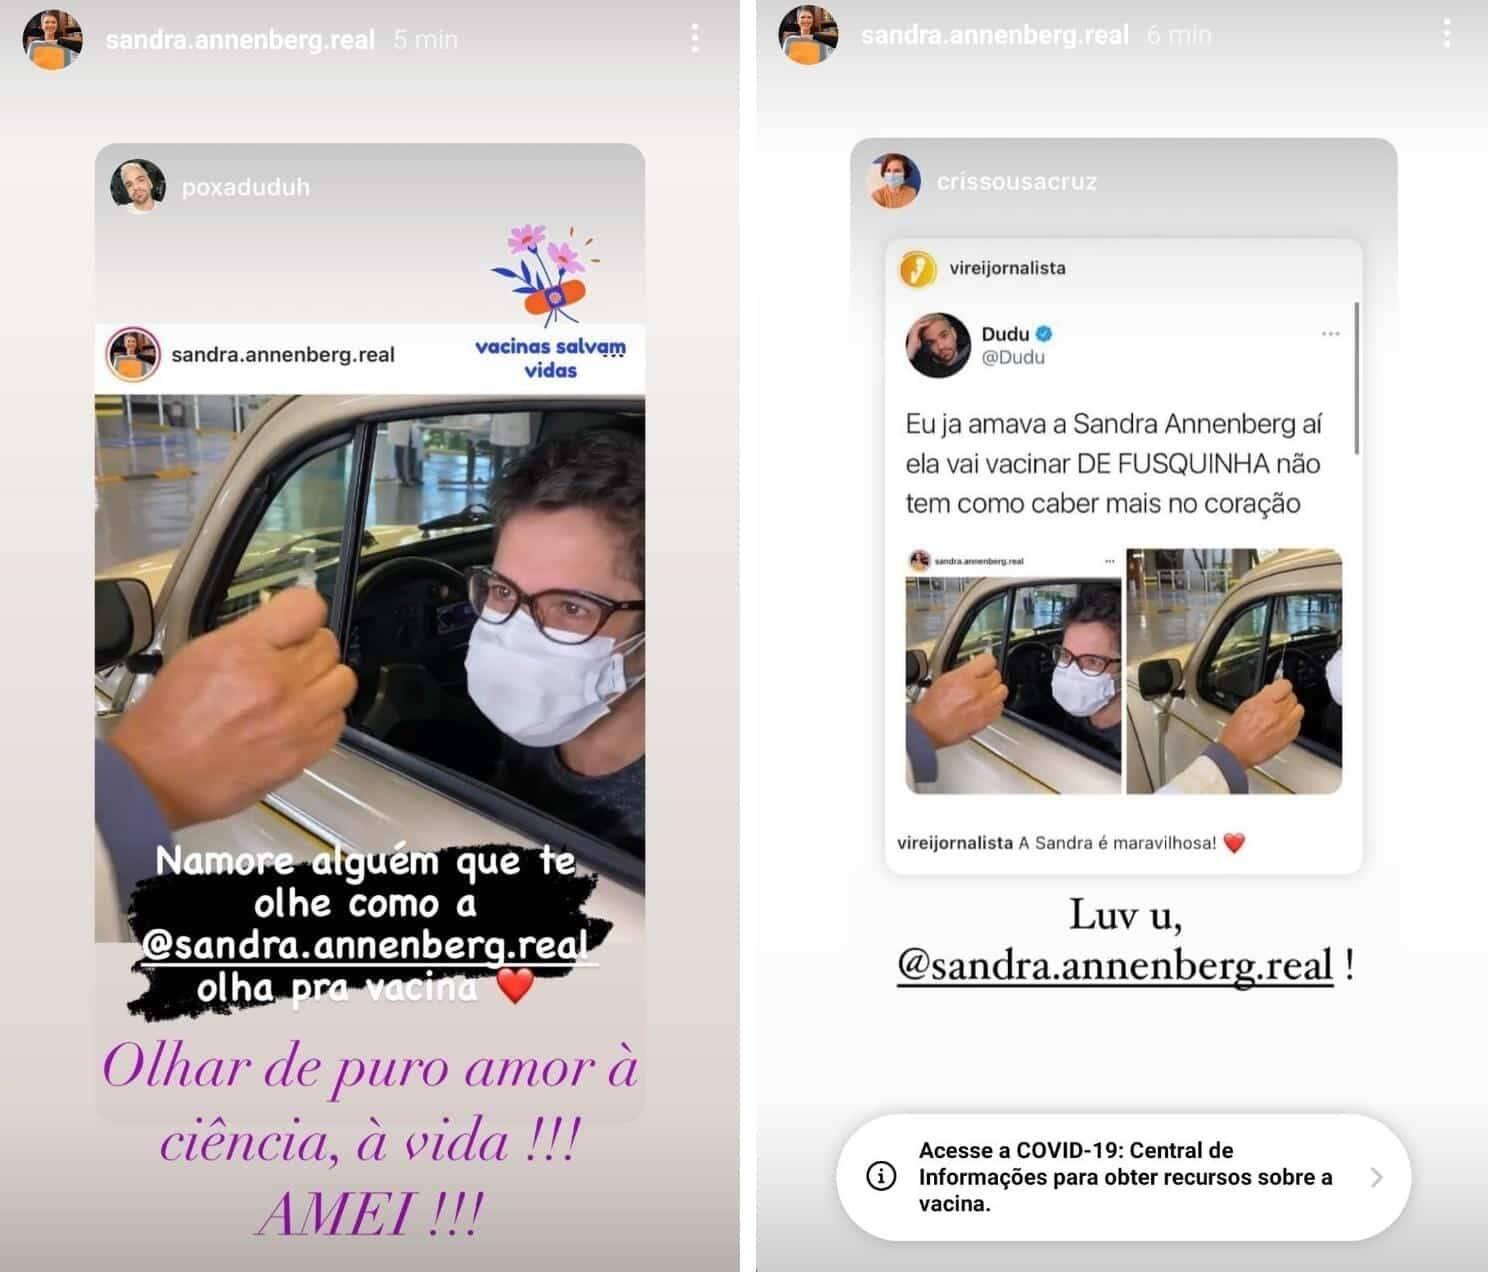 Sandra Annenberg encanta a web ao ir se vacinar contra covid de Fusca (Foto: Reprodução/Instagram)